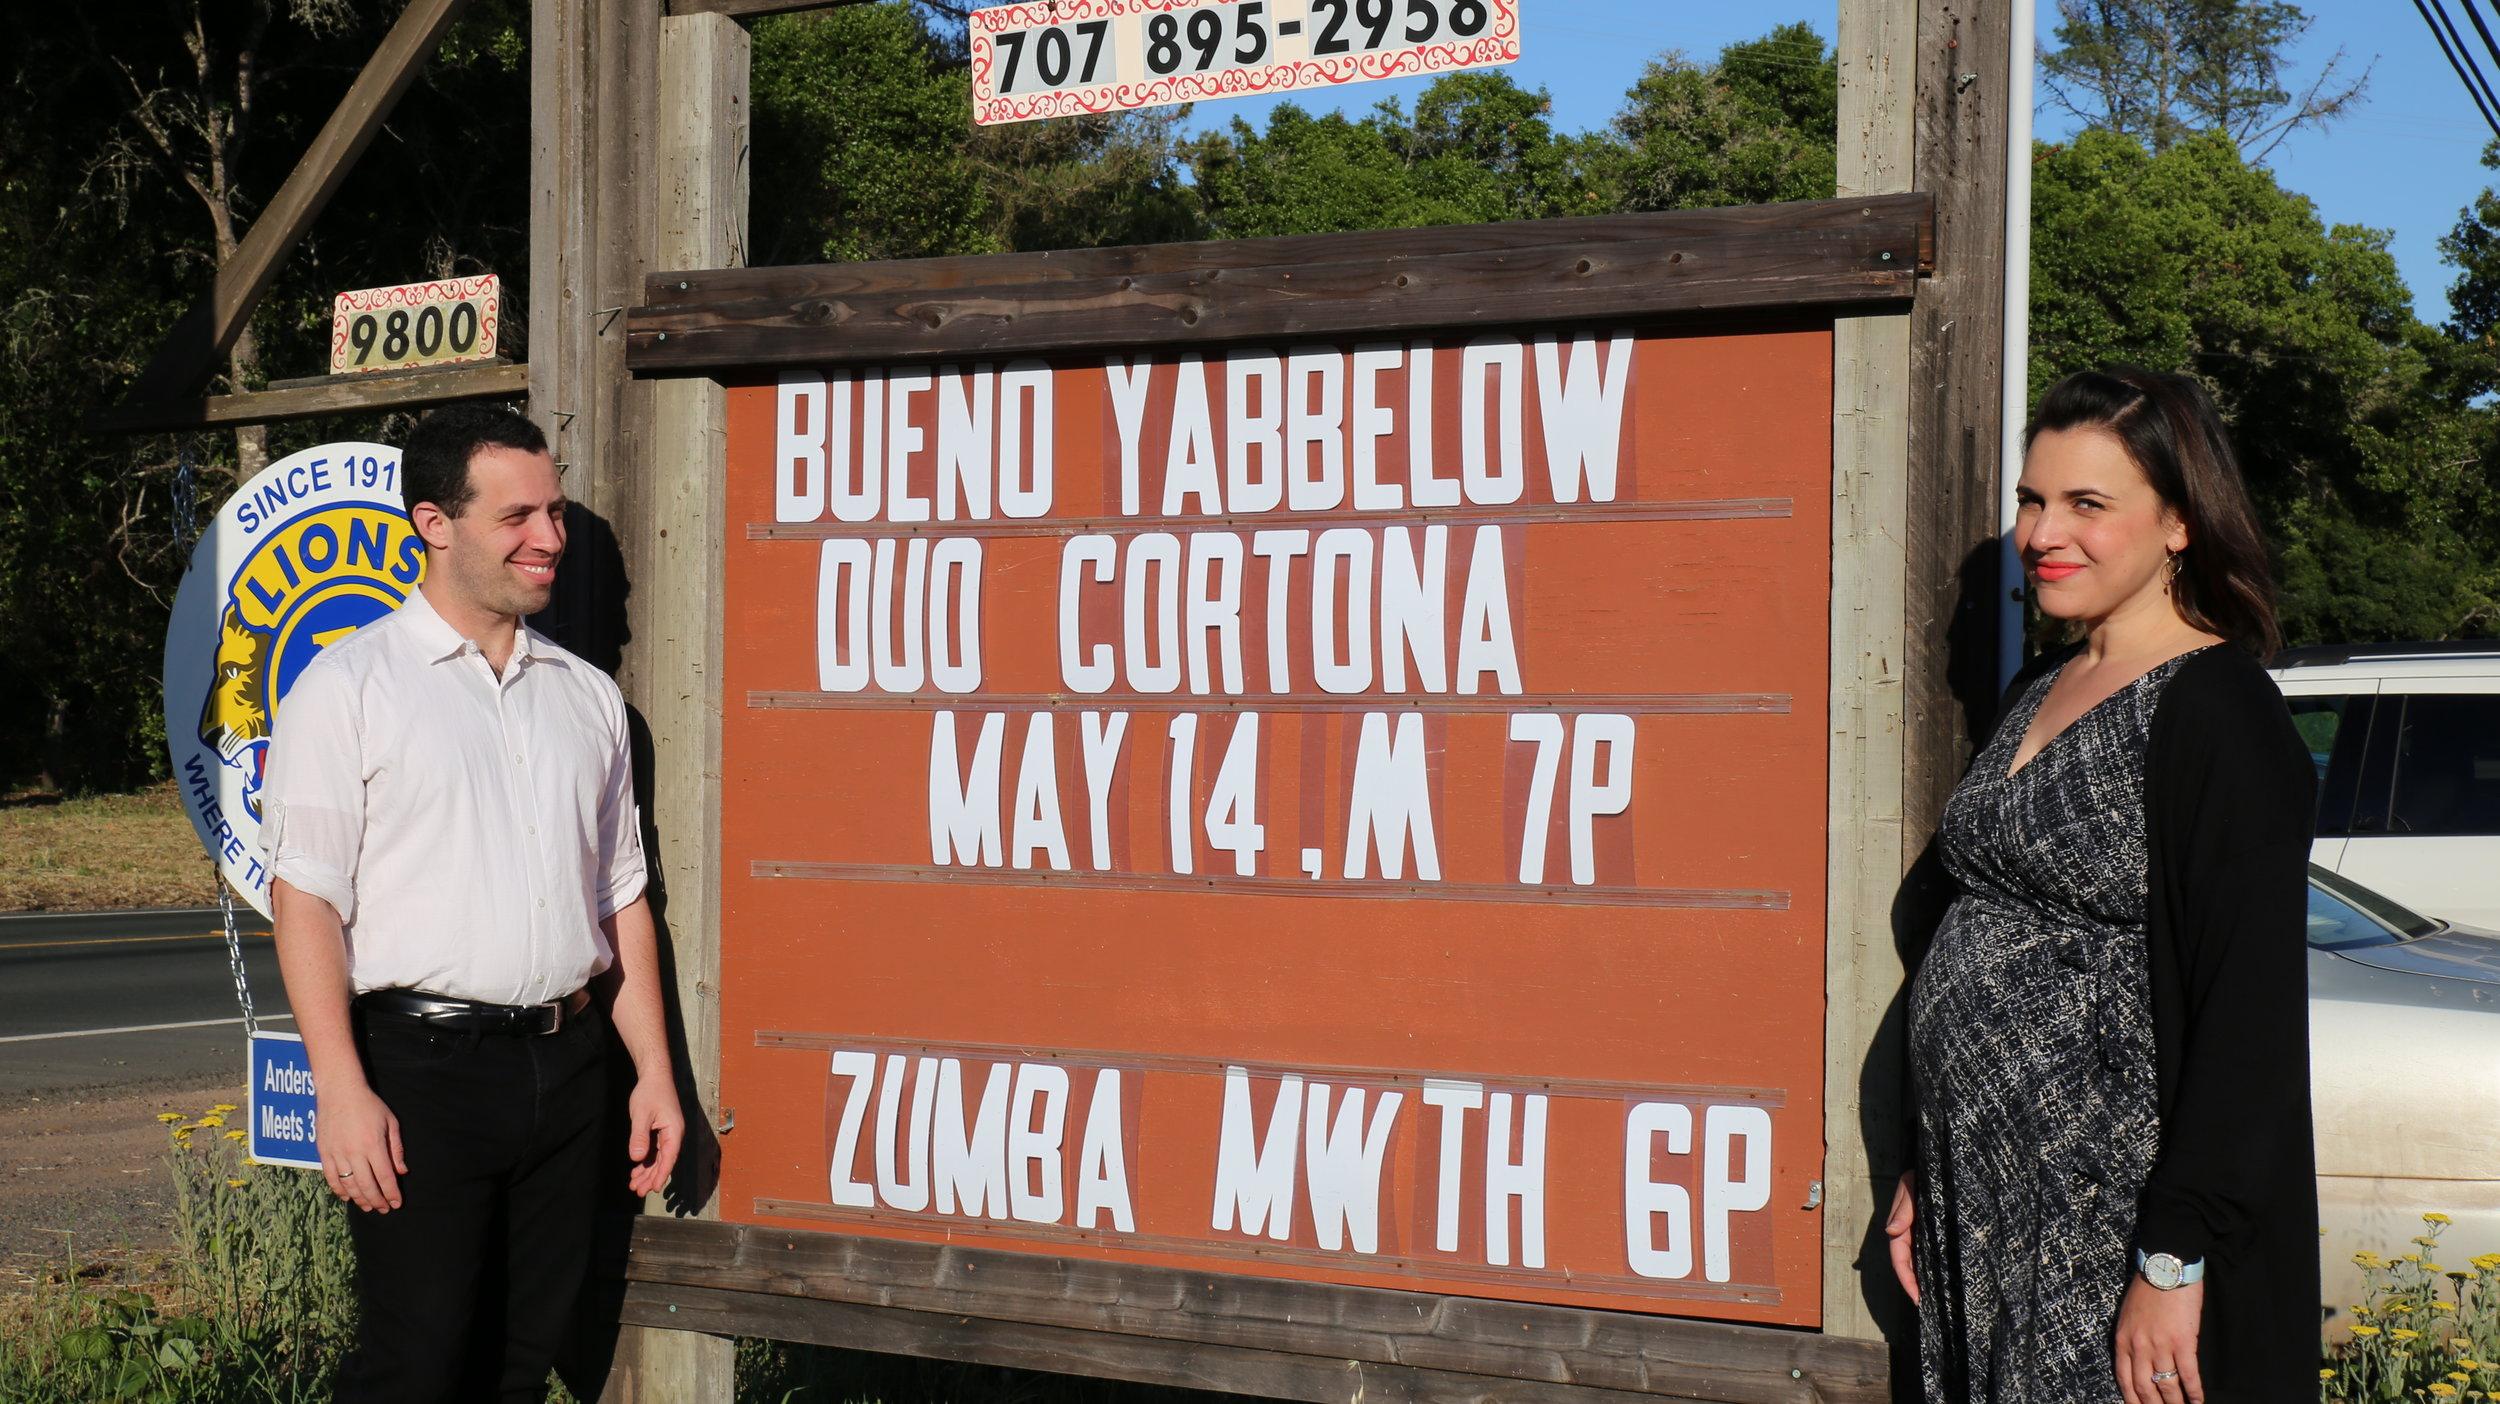 Ari Streisfeld and Rachel Cortona of Duo Cortona